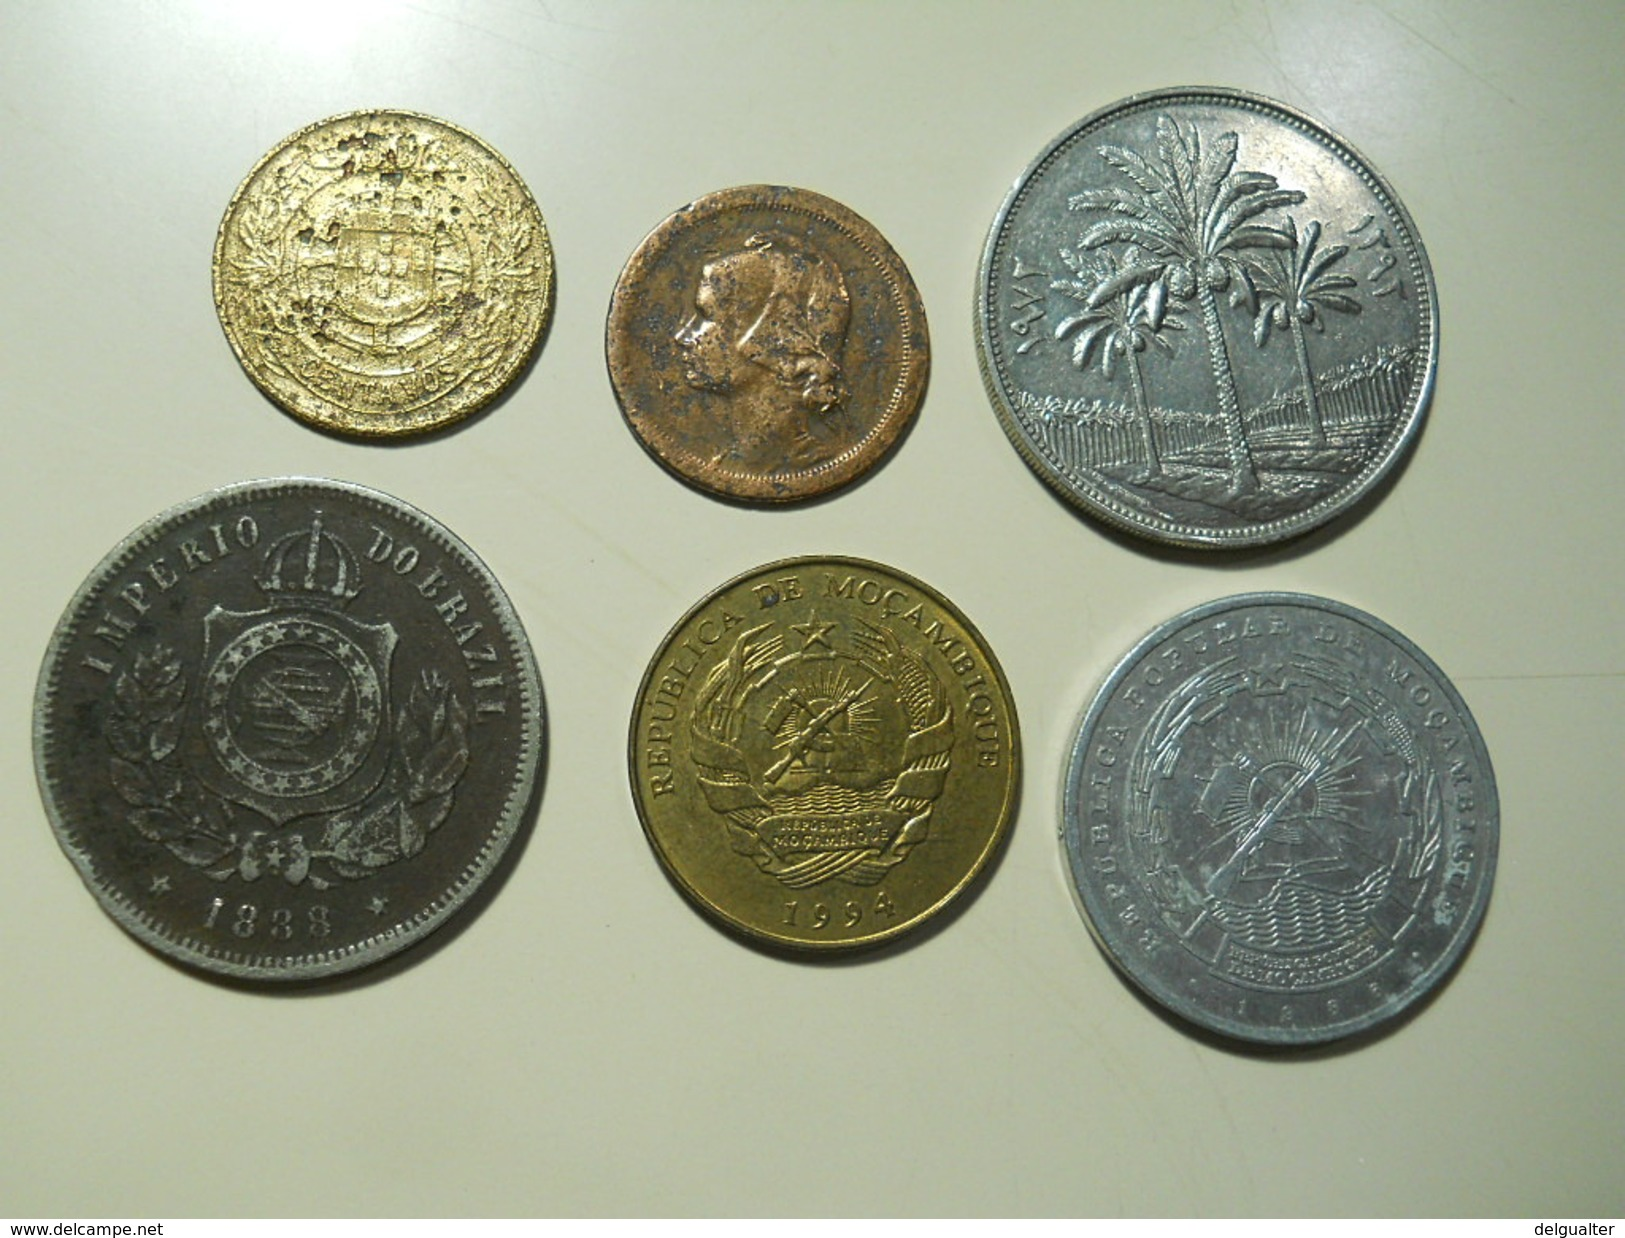 6 Coins - Kilowaar - Munten